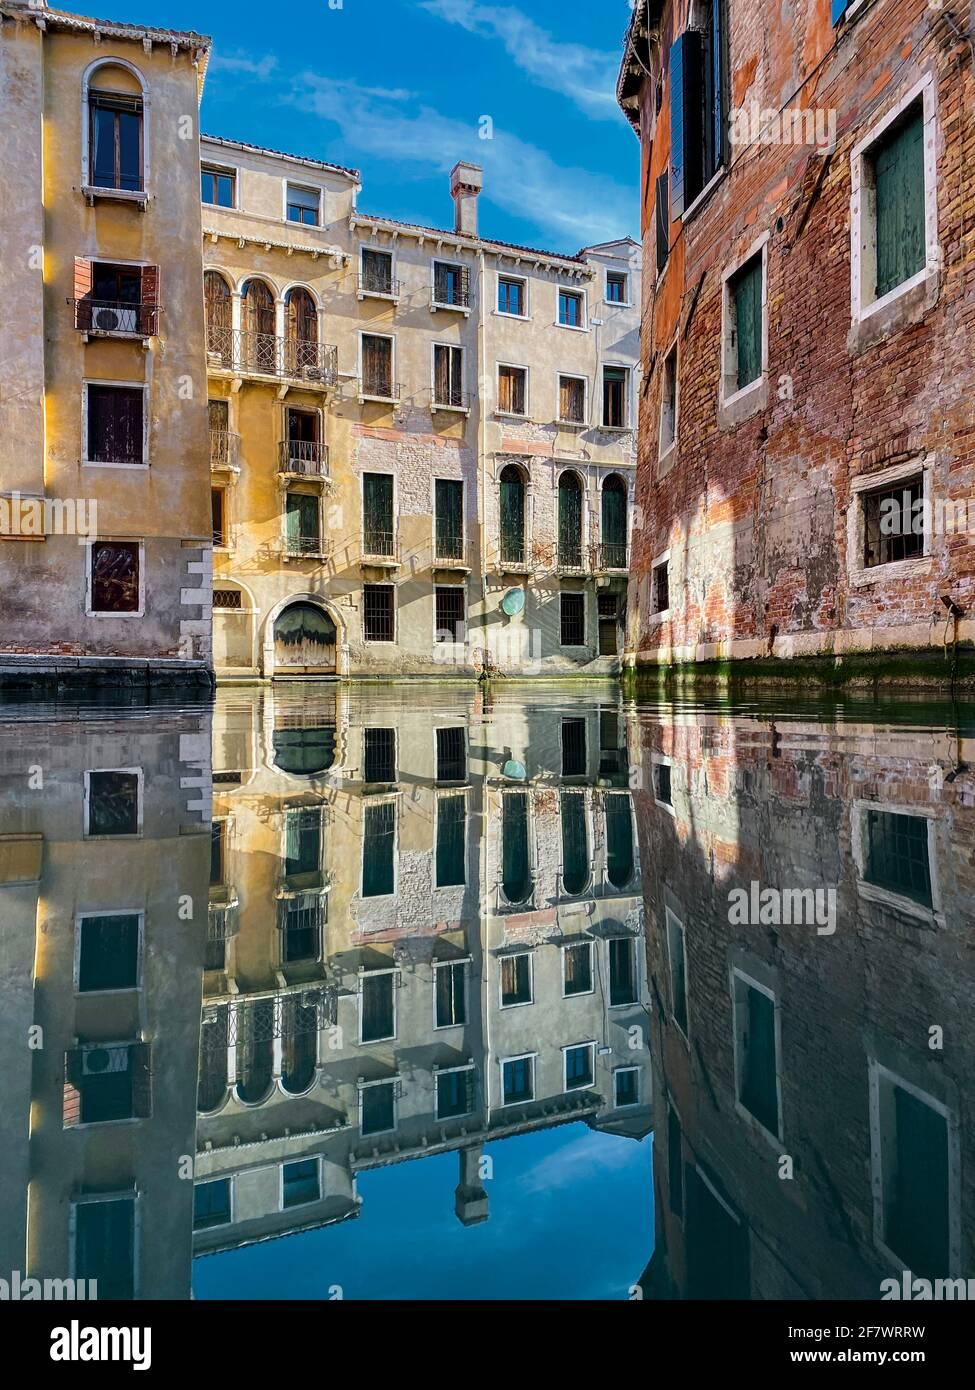 Bunte Wasserspiegelungen im leeren Kanal ohne Boote Stockfoto